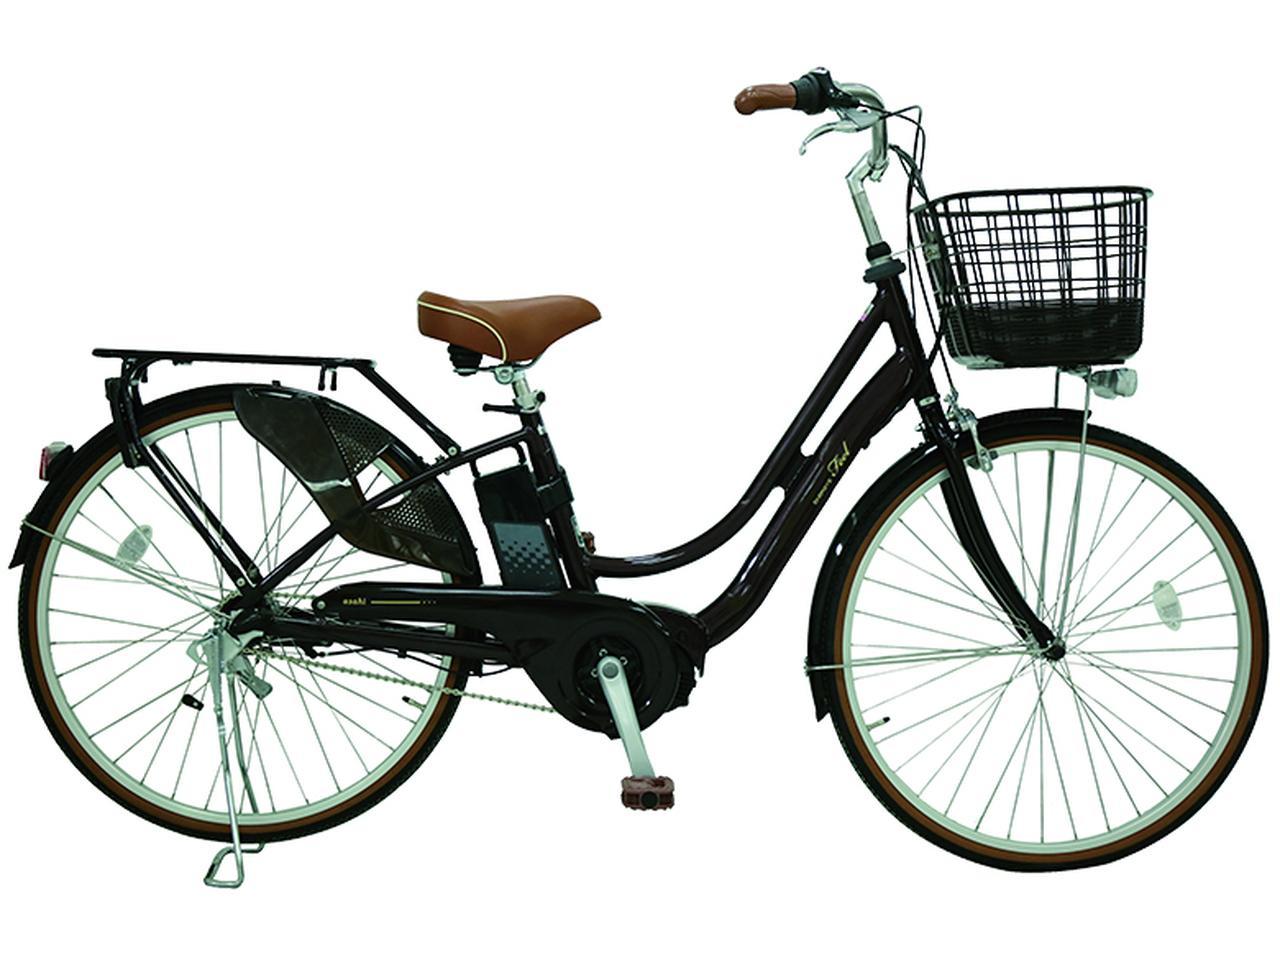 画像3: 最新電動アシスト自転車「ENERSYS Feel」が登場!新ドライブユニットでパワフル&スムーズな乗り心地が特徴